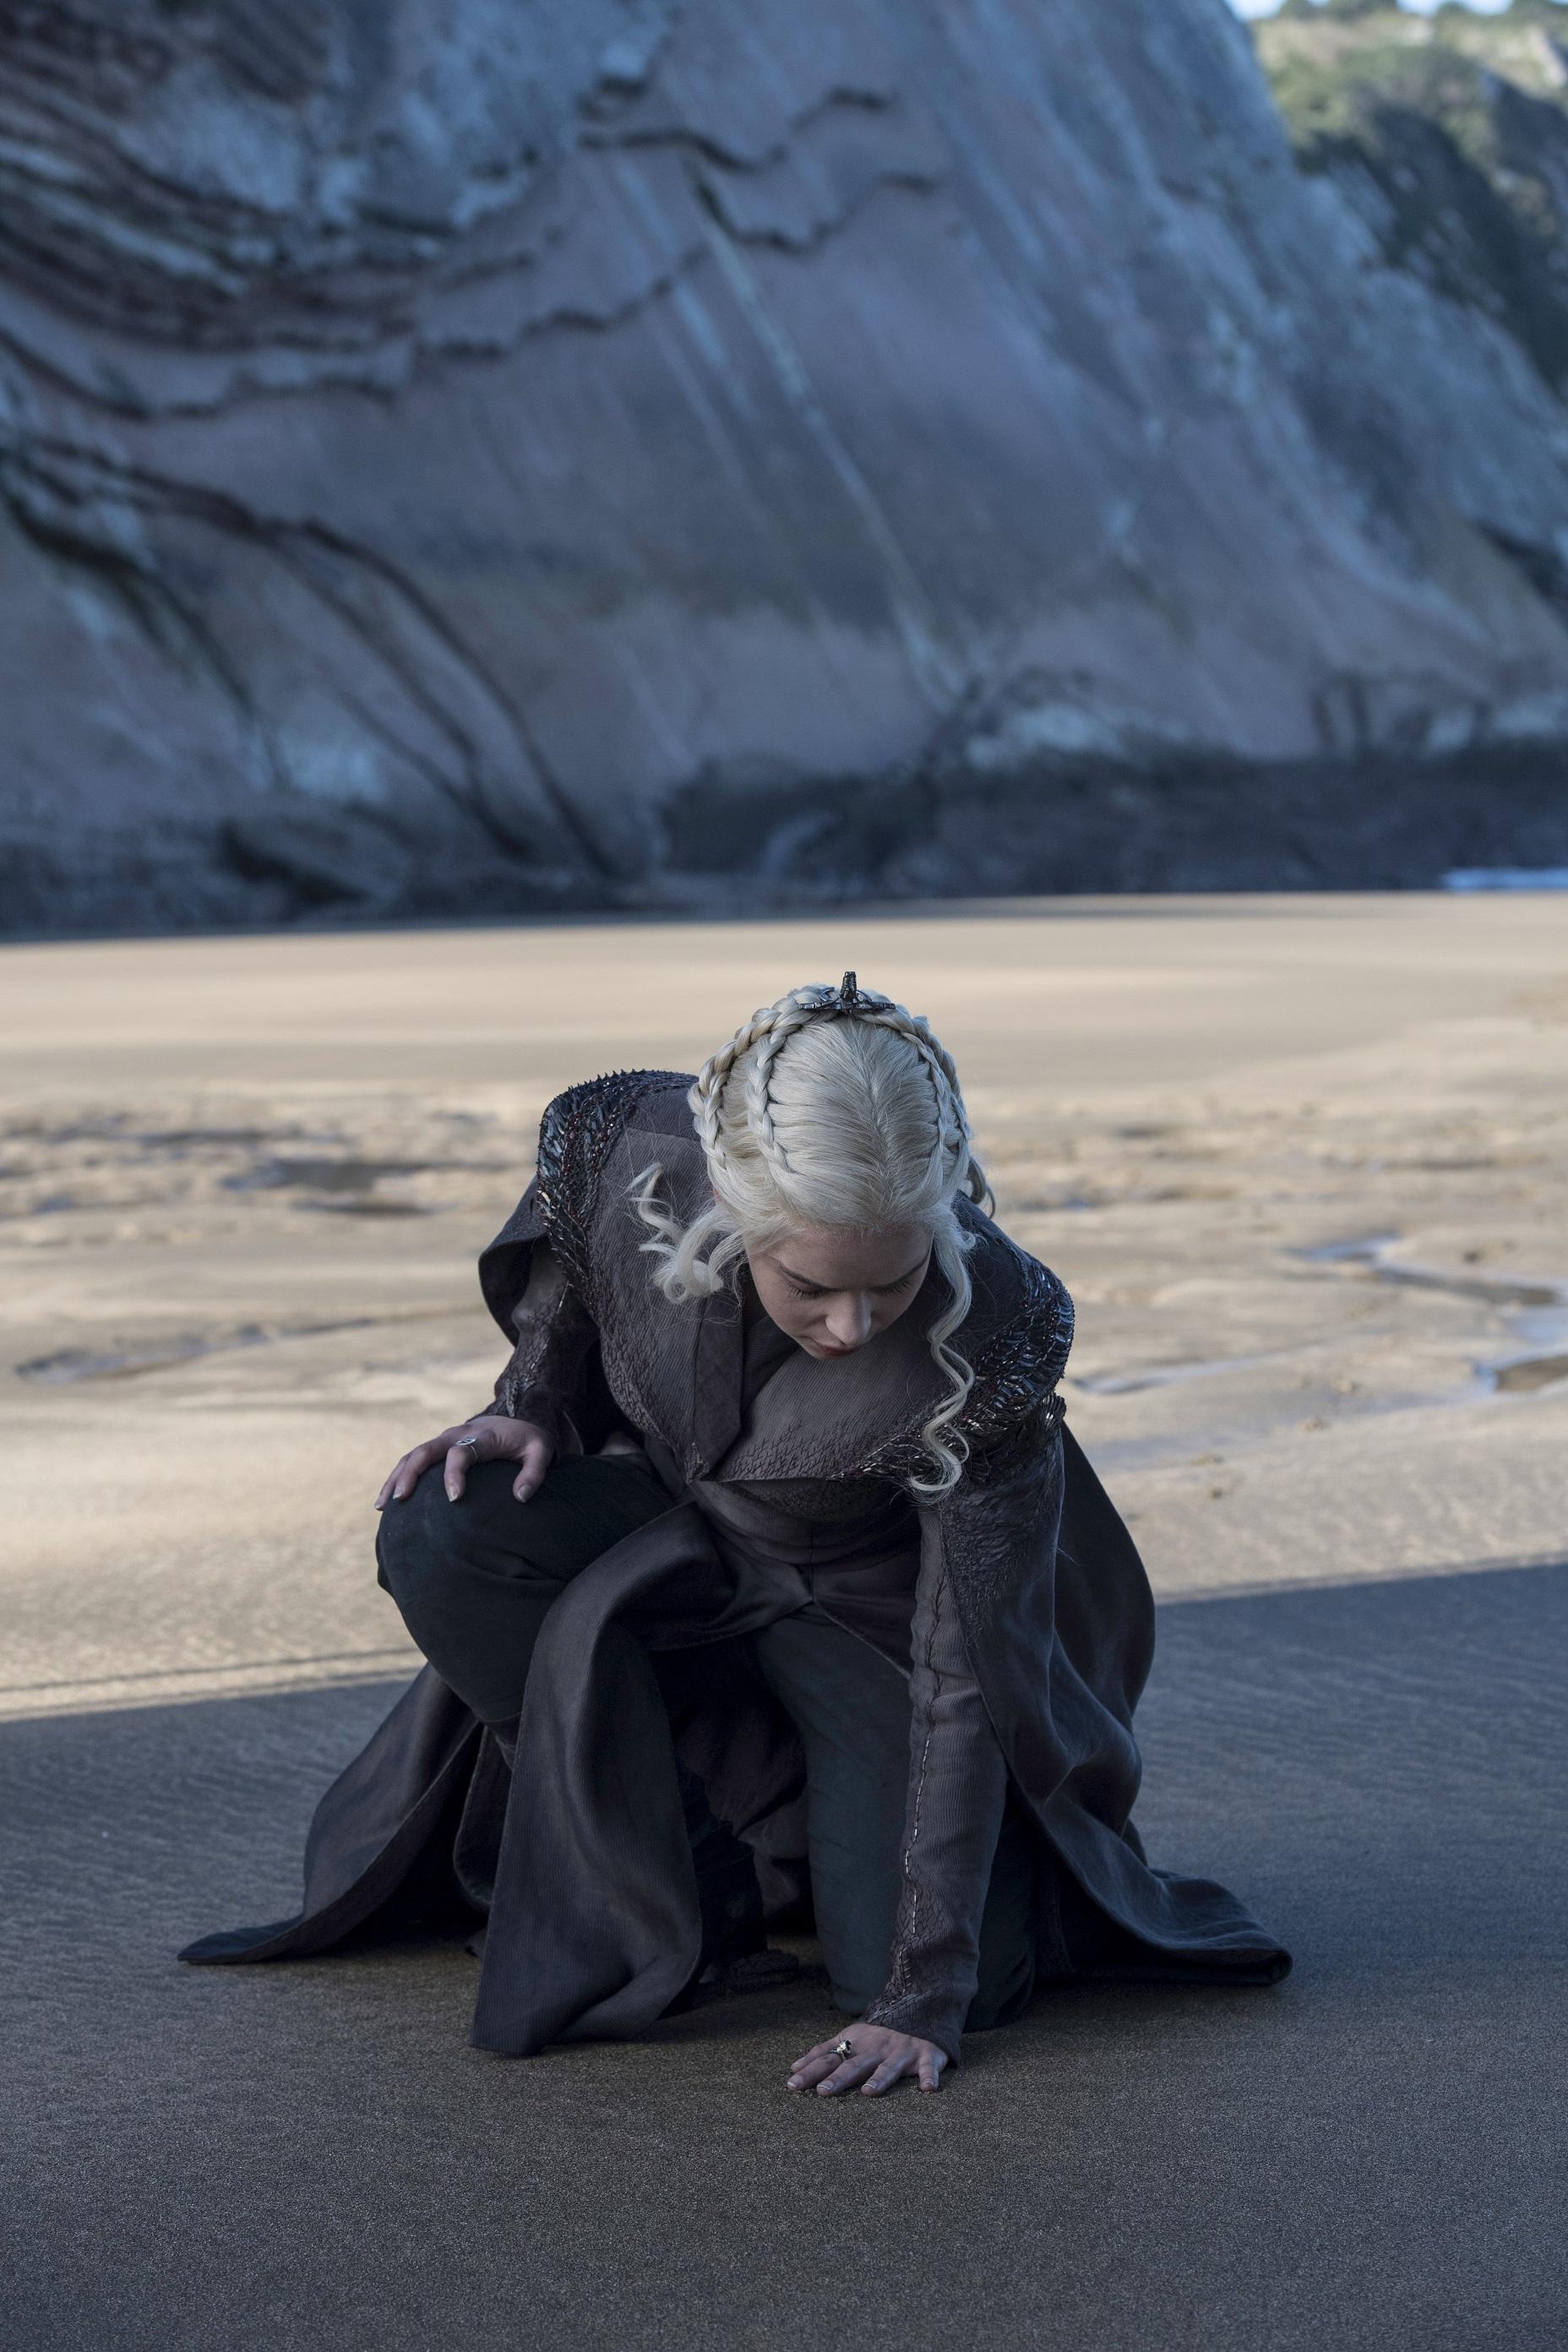 Emilia Clarke as Daenerys Targaryen touches Westeros. Photo: HBO